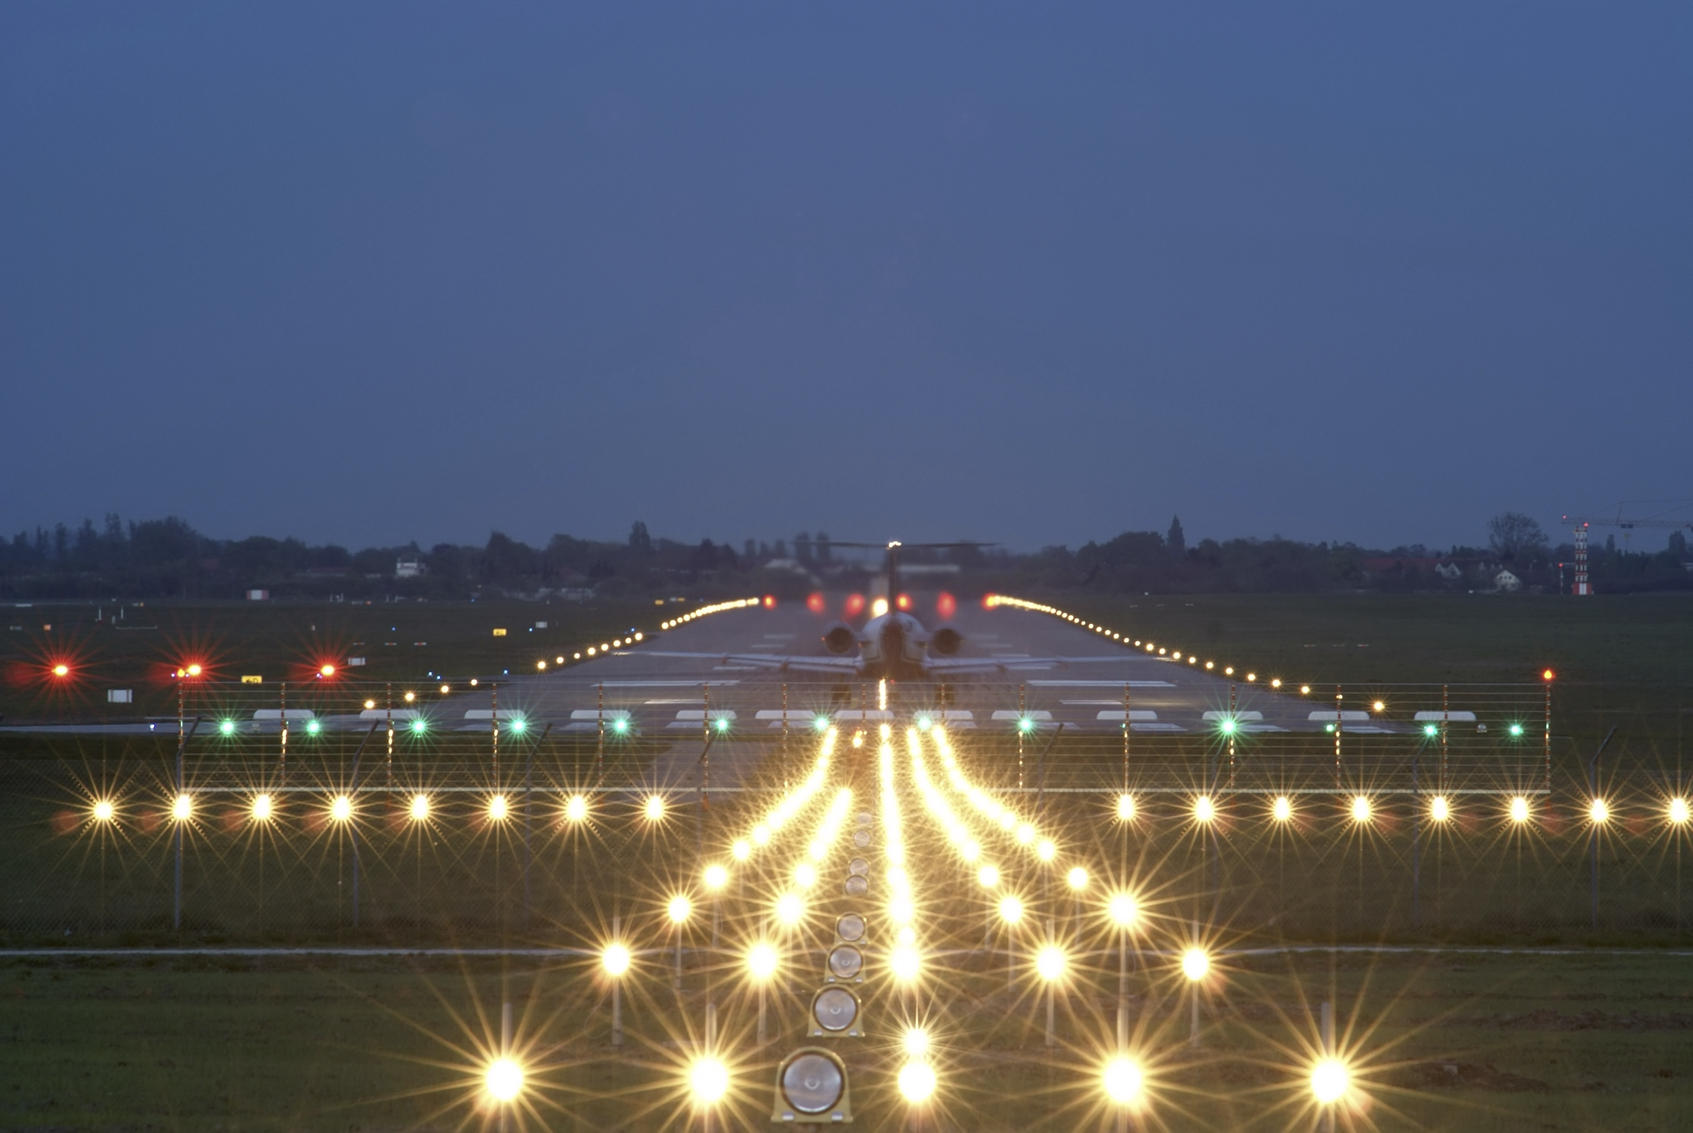 Взлетно посадочная полоса ночью фото 8